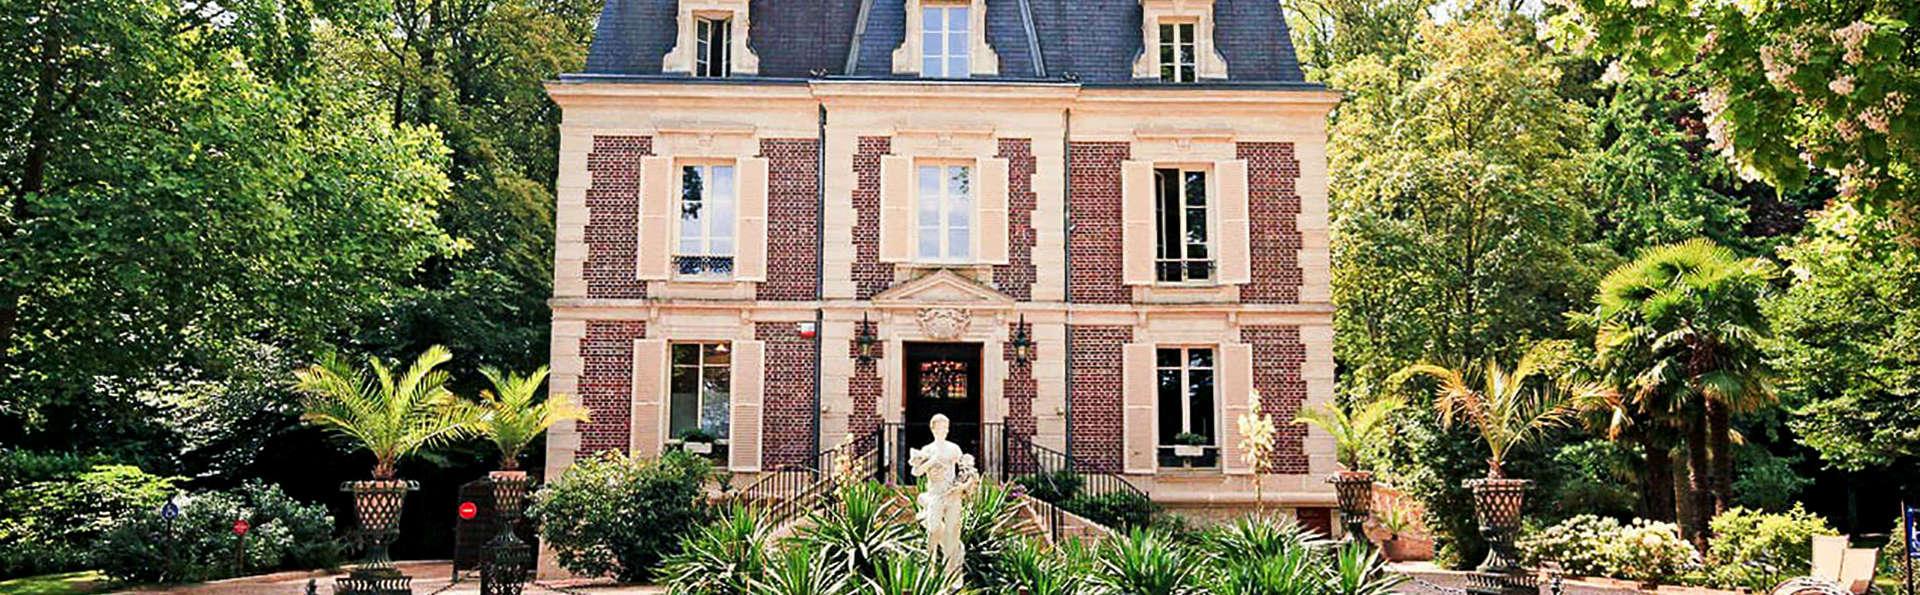 Les Jardins d'Épicure - EDIT_NEW_Front.jpg